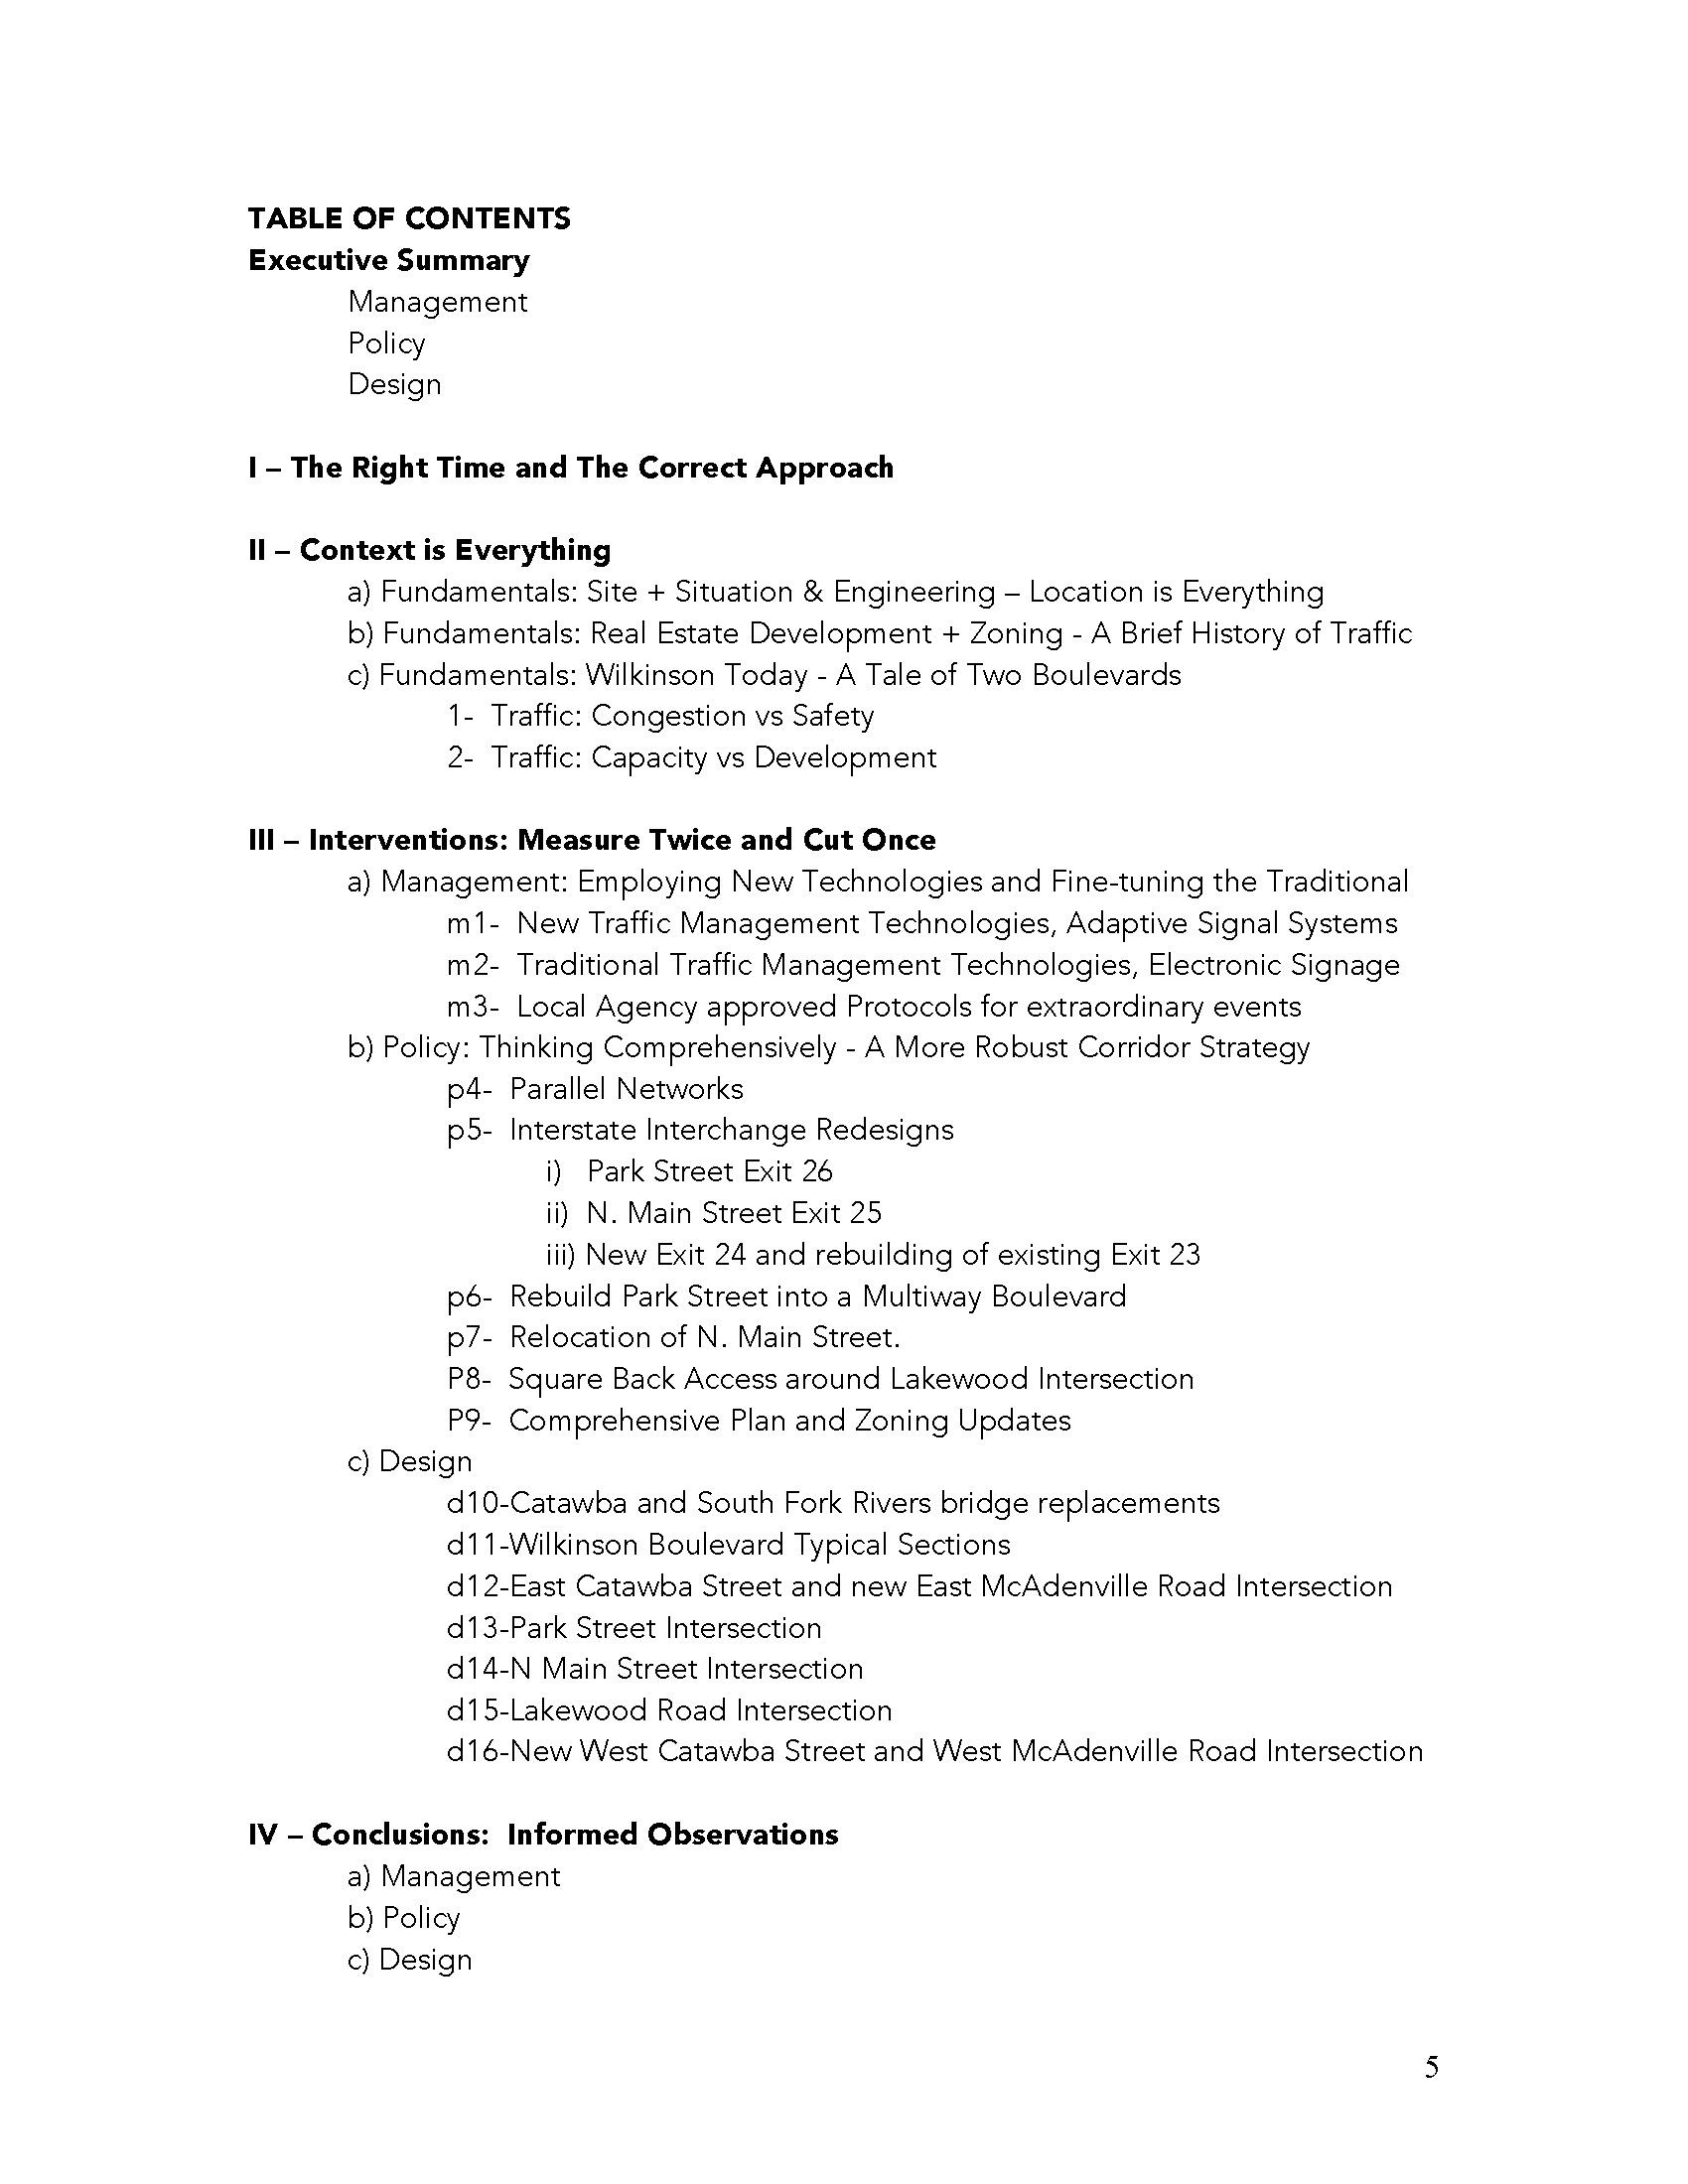 1 WilkinsonBlvd Draft Report 1-22-15 RH_Peter Edit_Page_05.jpg